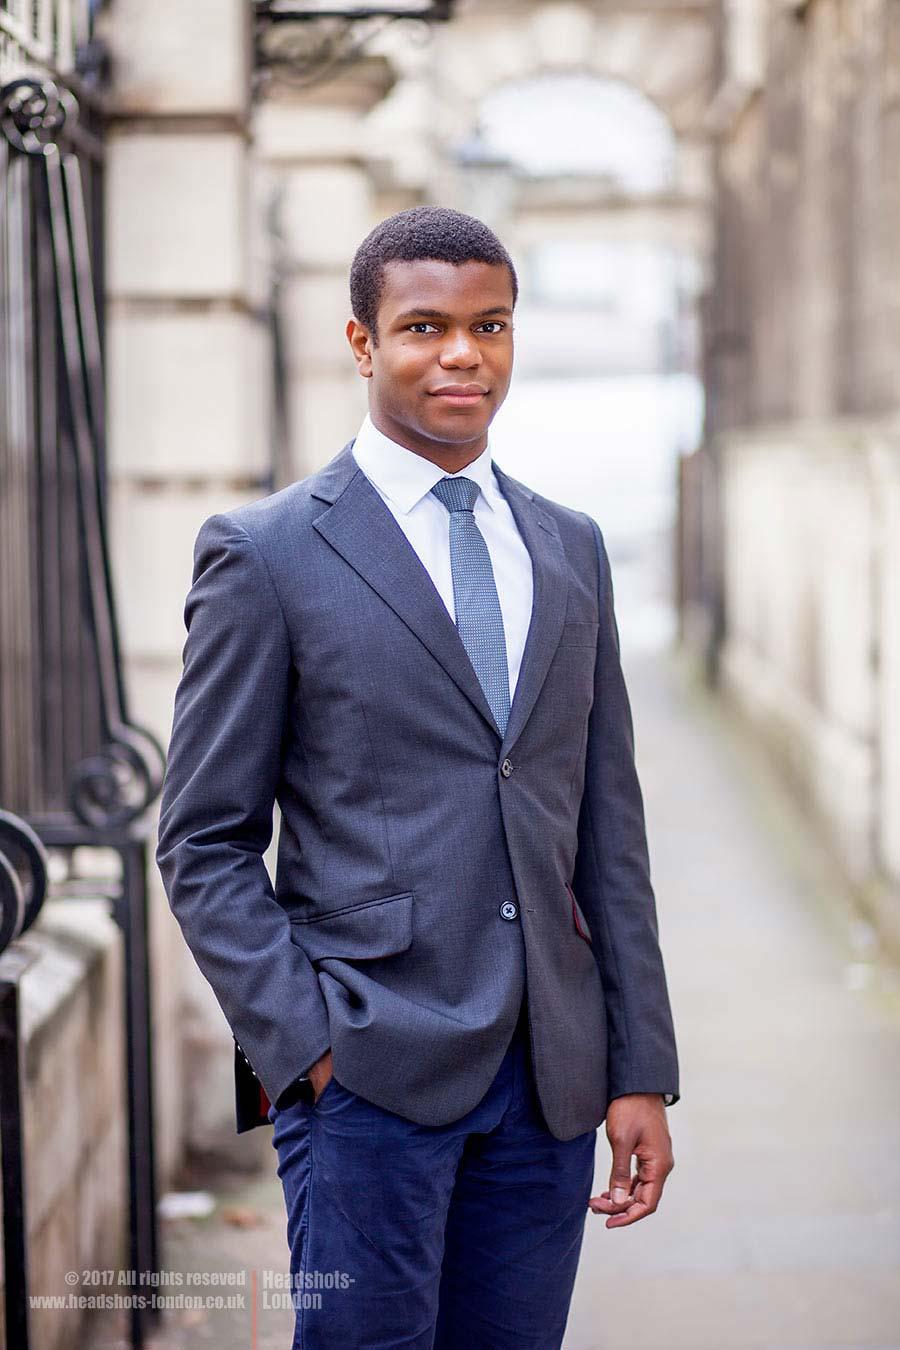 London Business Portraits